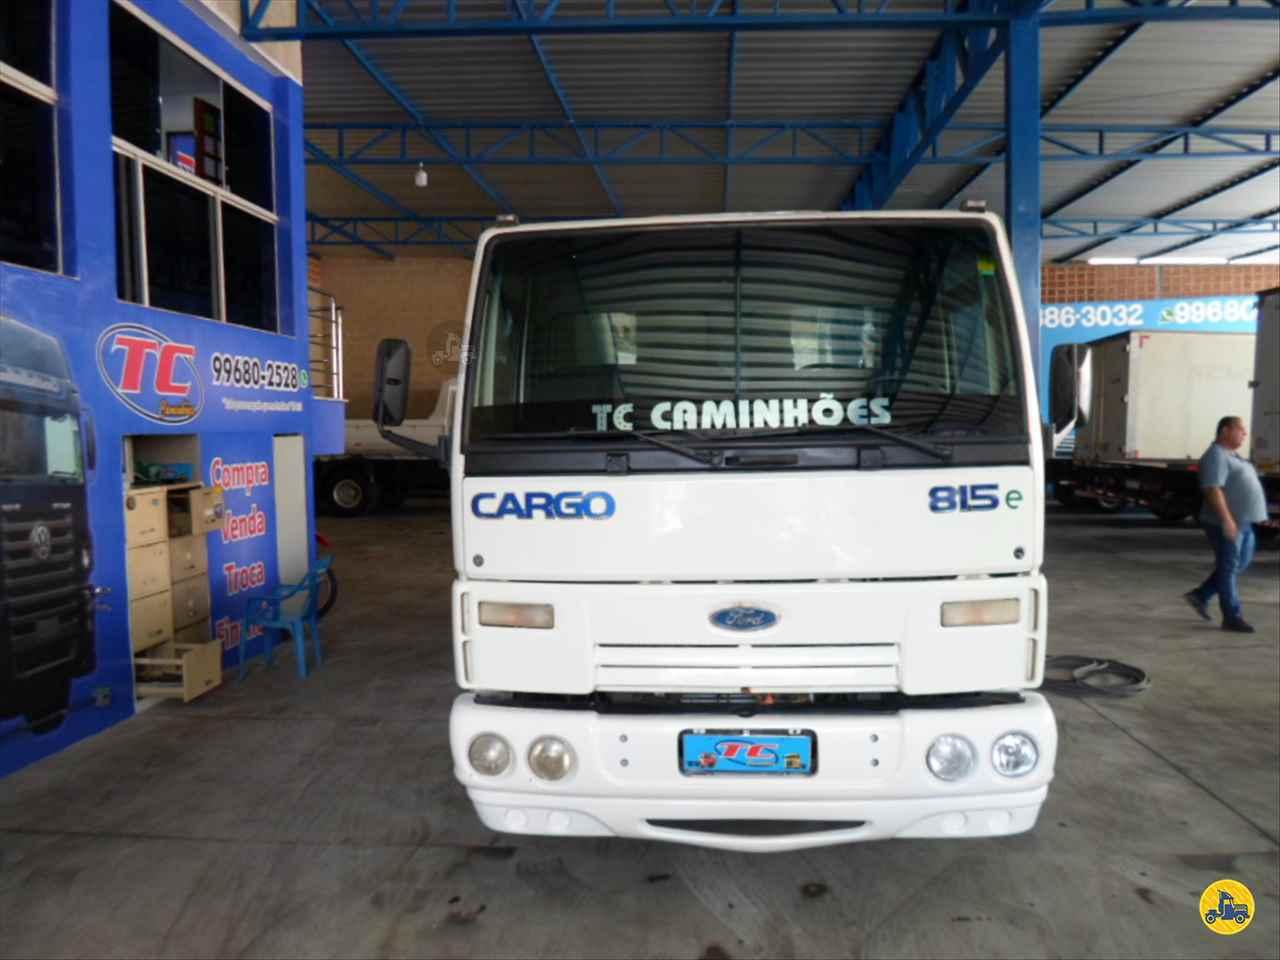 CAMINHAO FORD CARGO 815 Plataforma 3/4 4x2 TC Caminhões  BELO HORIZONTE MINAS GERAIS MG